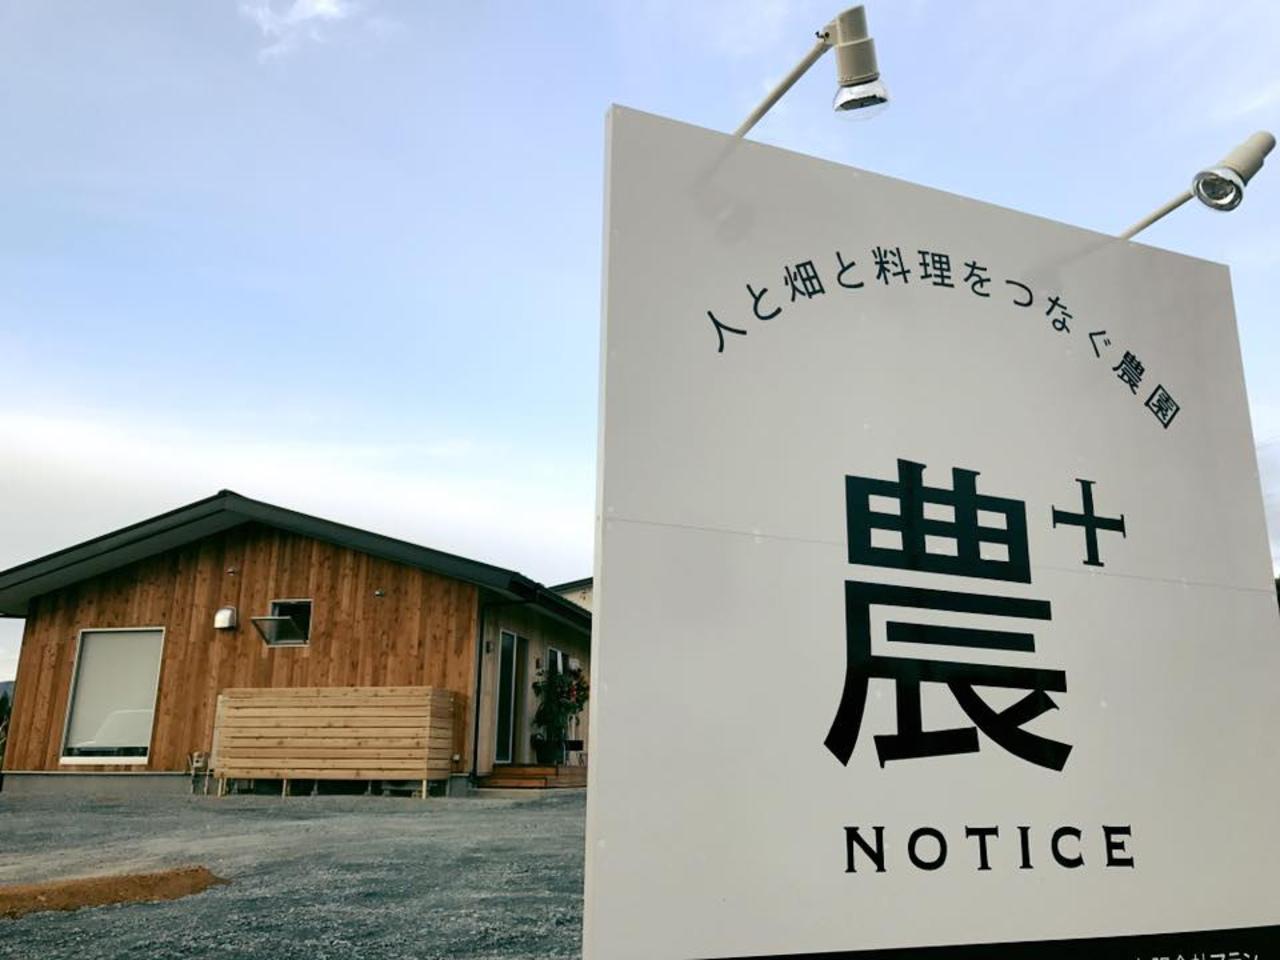 人と畑と料理をつなぐ農園...浜松市浜北区四大地に『ノーティス』本日リニューアルオープン